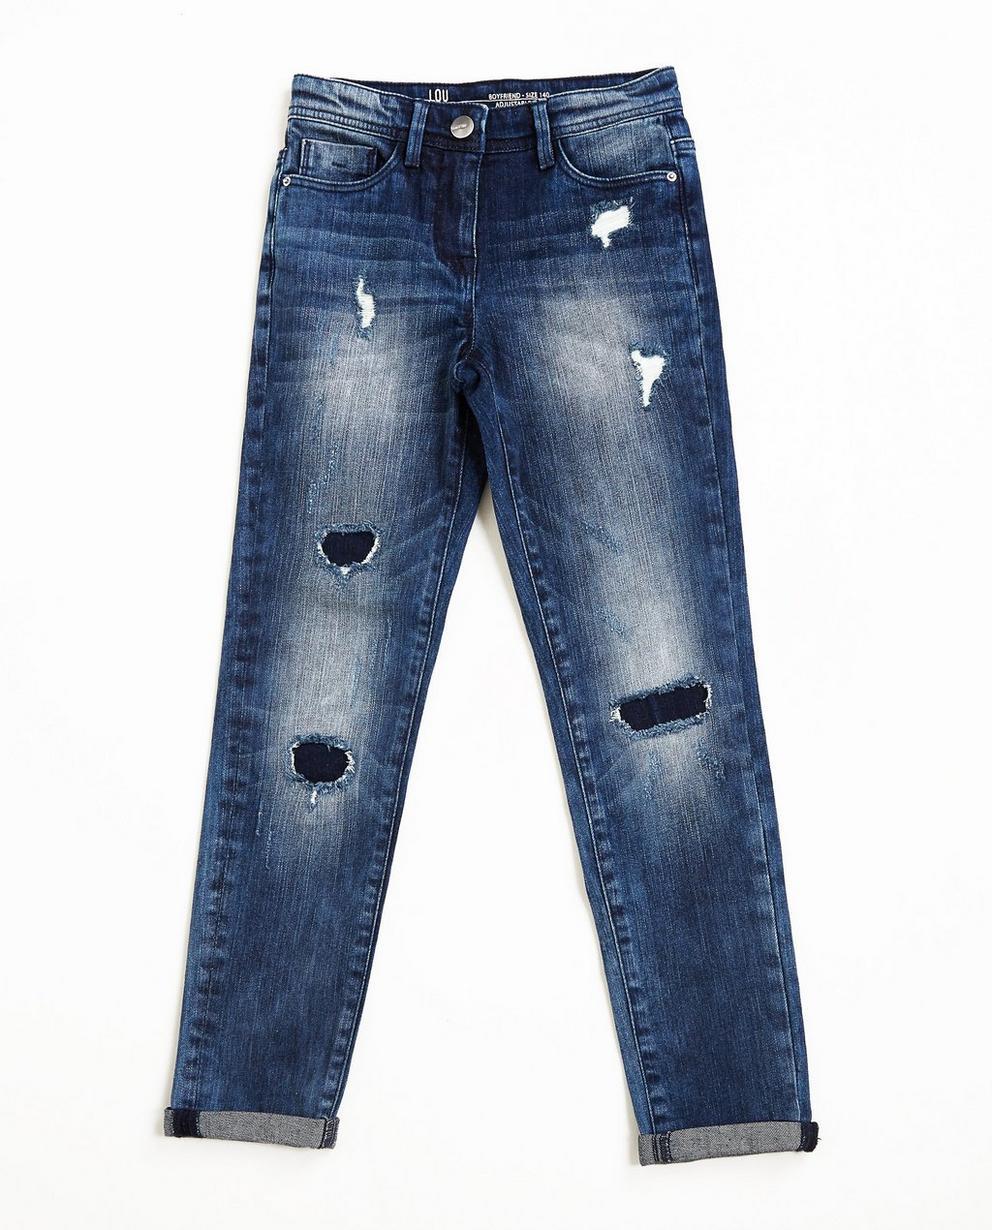 Jeans boyfriend destroyed - délavage important - JBC